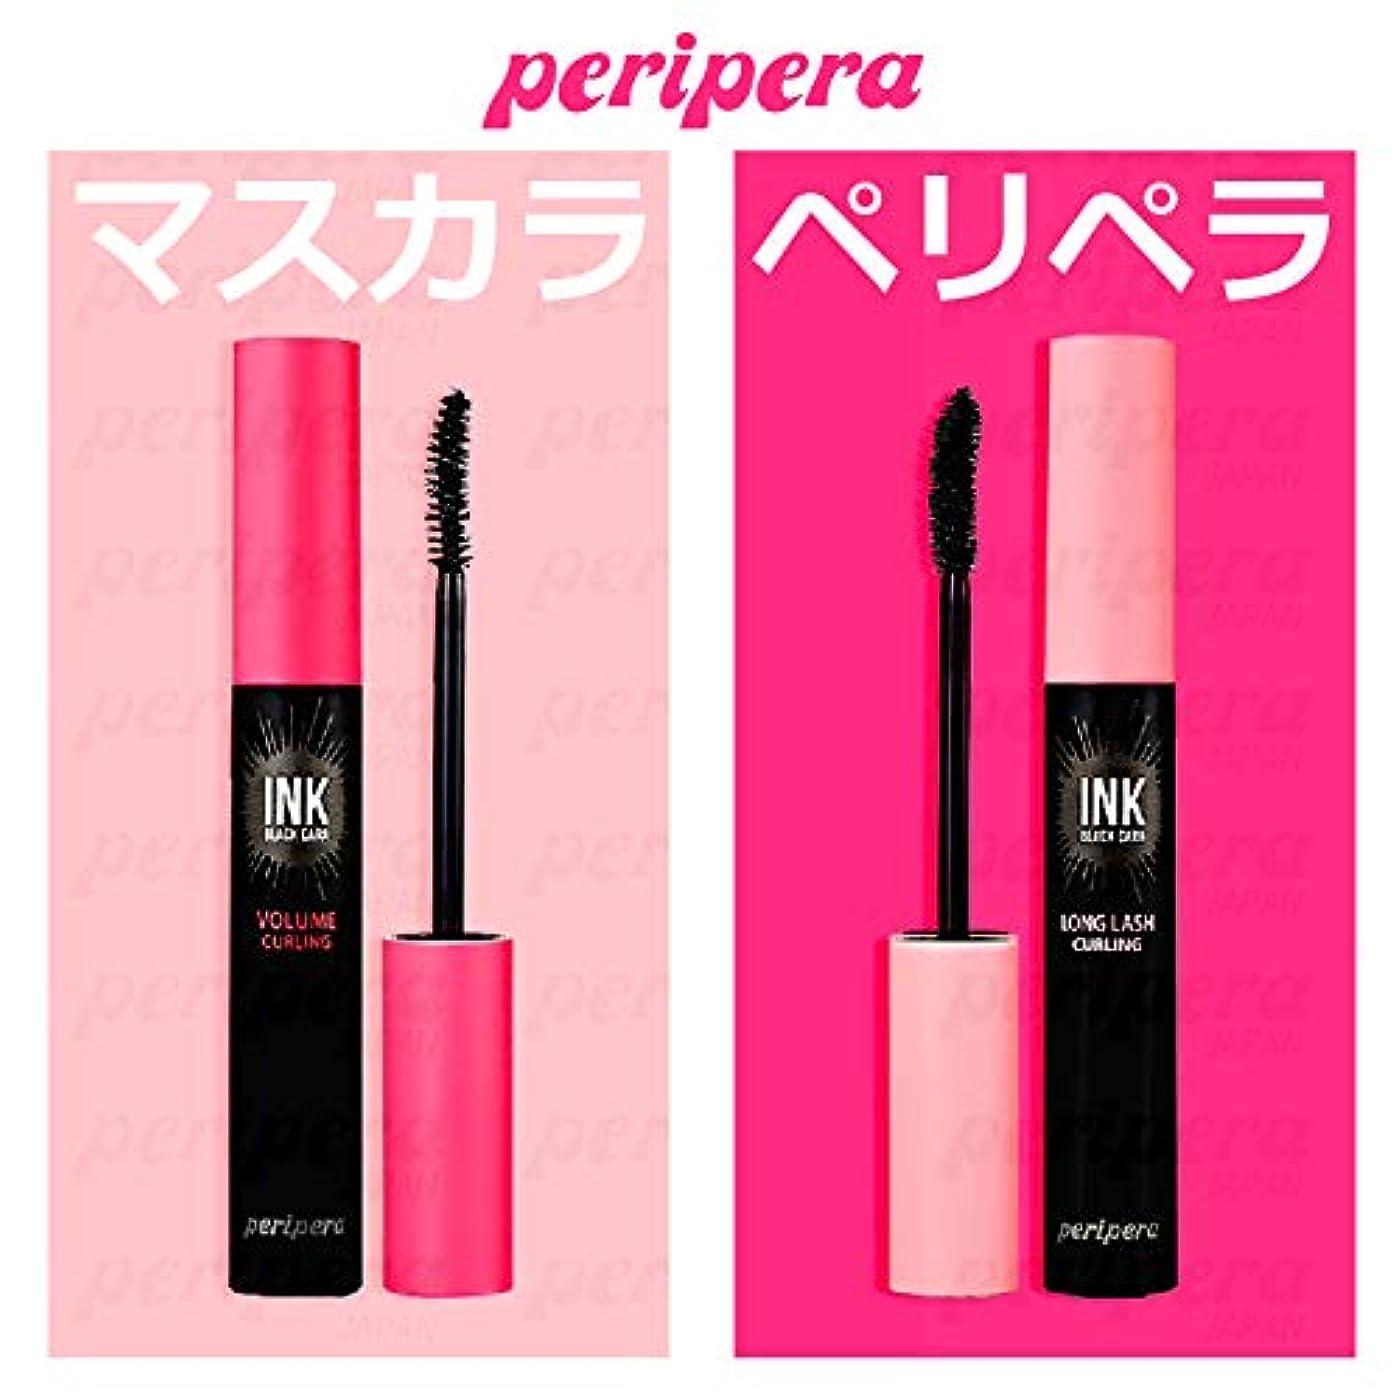 コンペはっきりと路地[New] Peripera Ink Black Cara (#1 Long Lash Curling) / ペリペラ インクブラックカラ(#1ロング) [並行輸入品]